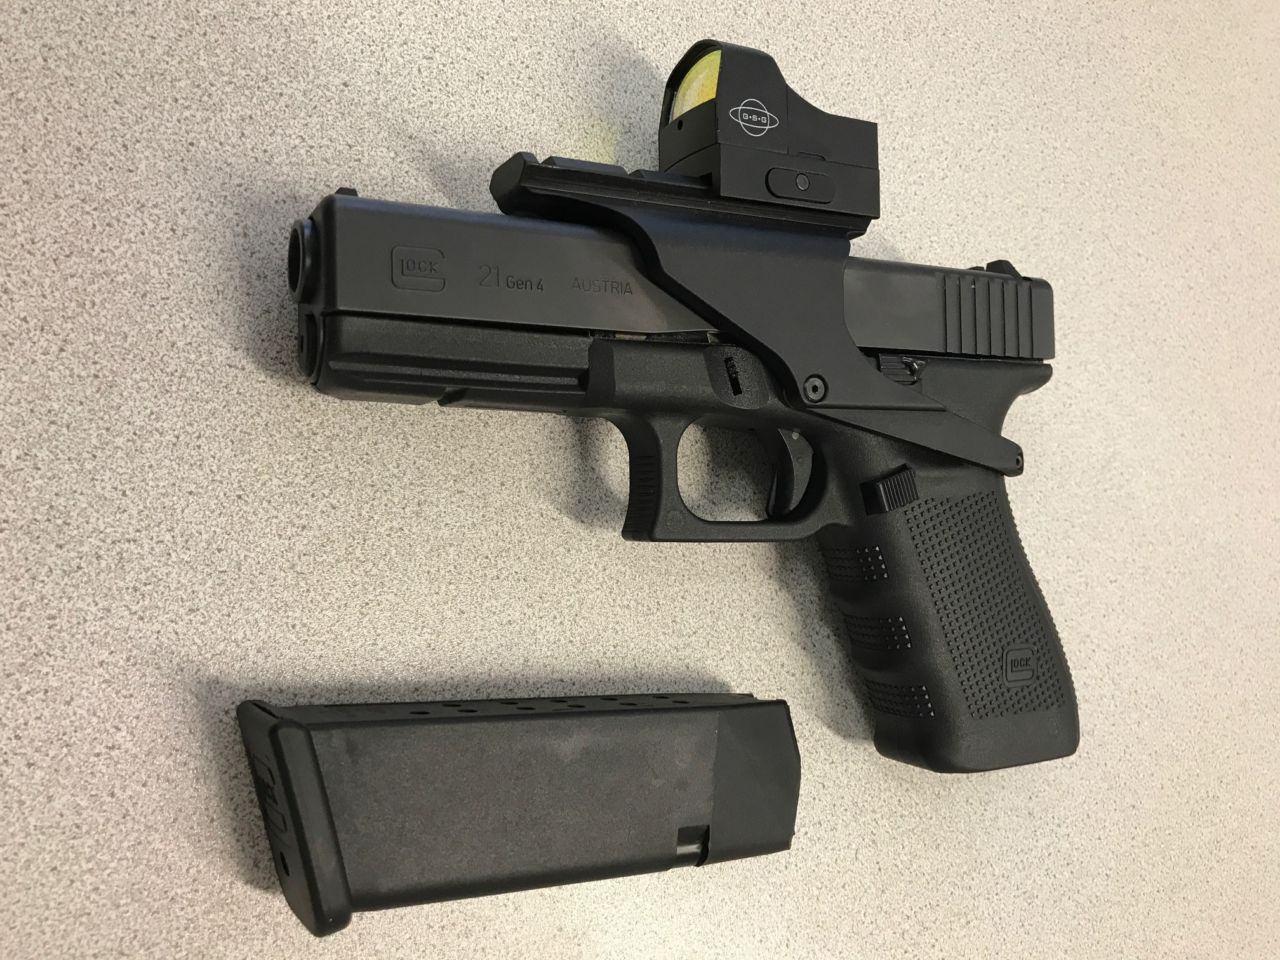 Beim GTI-Treffen - Schüsse aus Auto in Velden: 25-Jähriger angezeigt